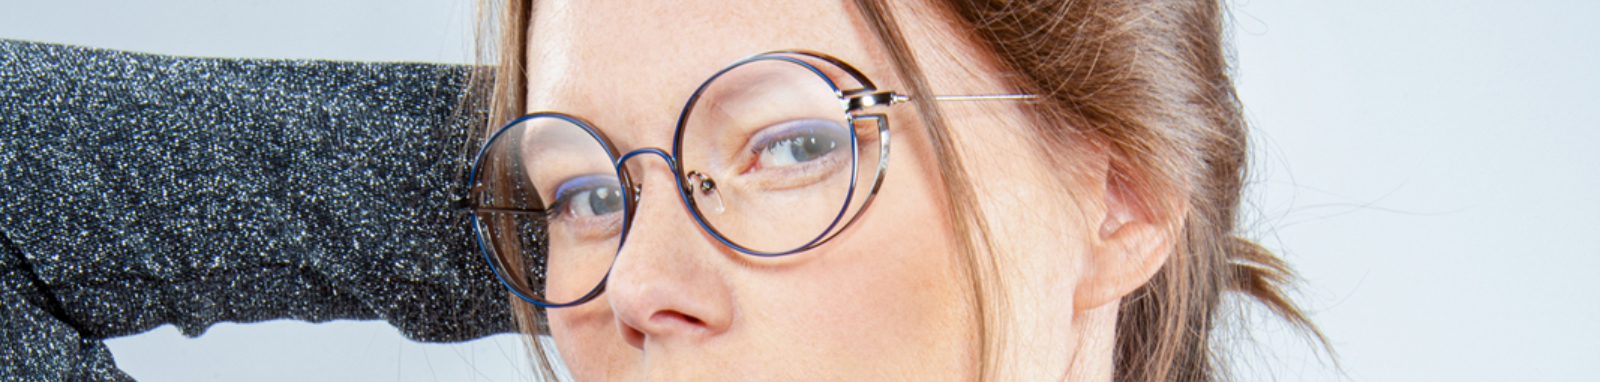 JFRey brillen